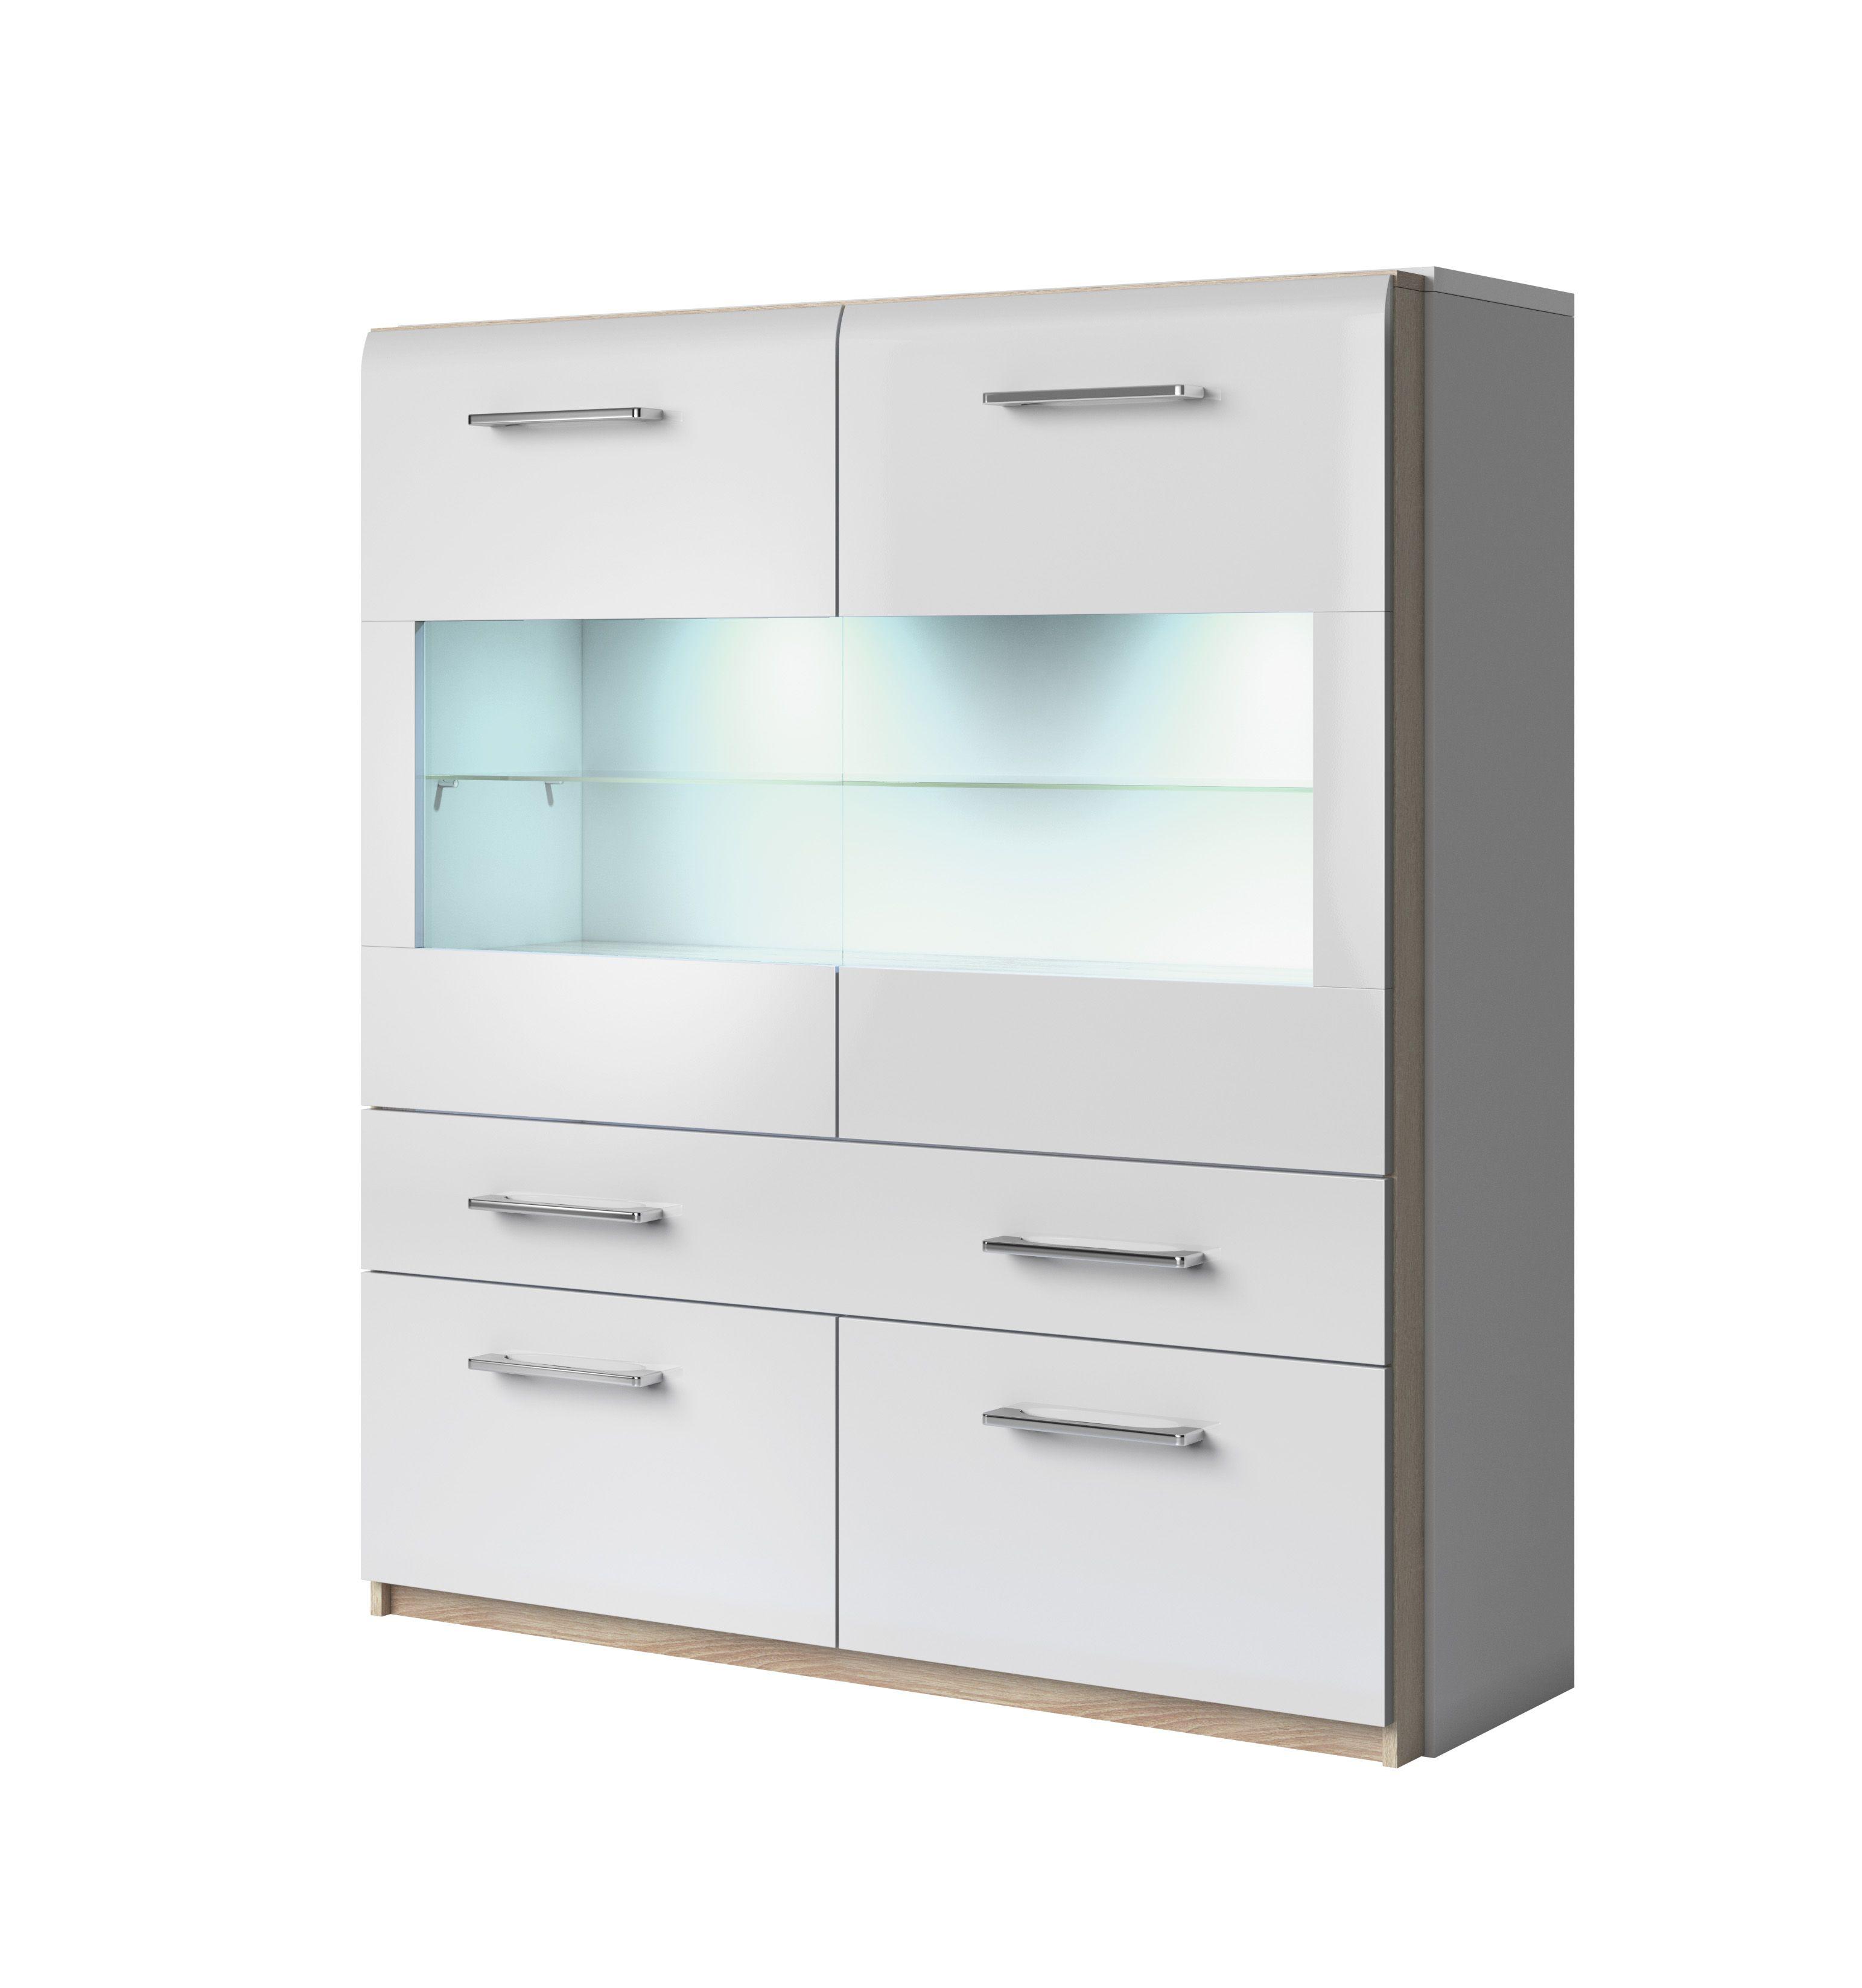 Highboard magnus typ drawer unit drawer storage unit and drawer